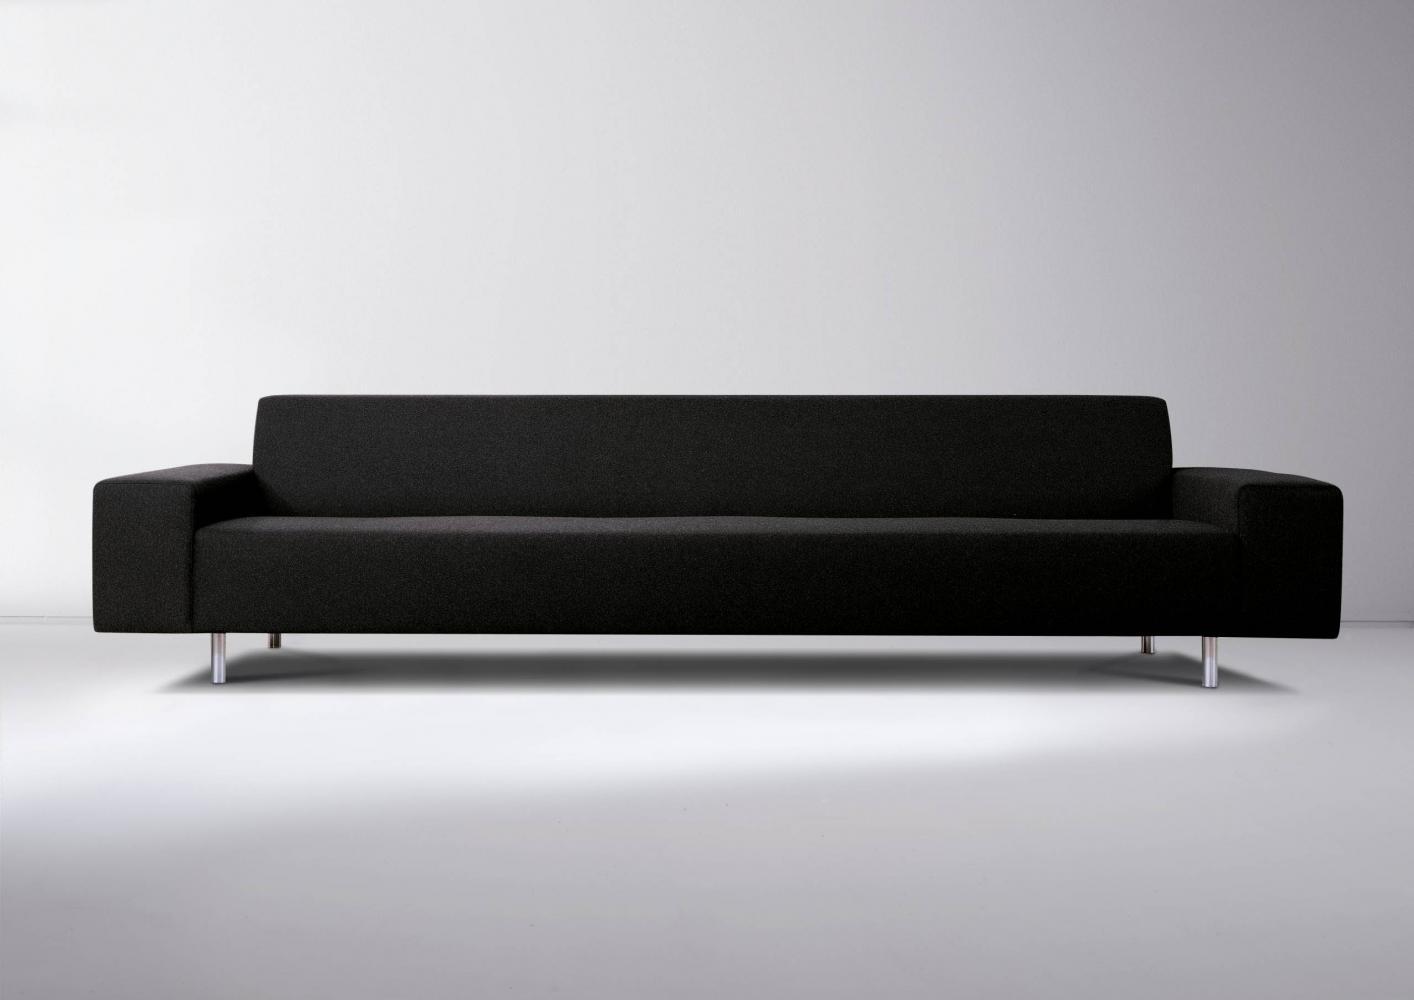 Black leather, fabric or velvet sofa for luxury materials interior design decor